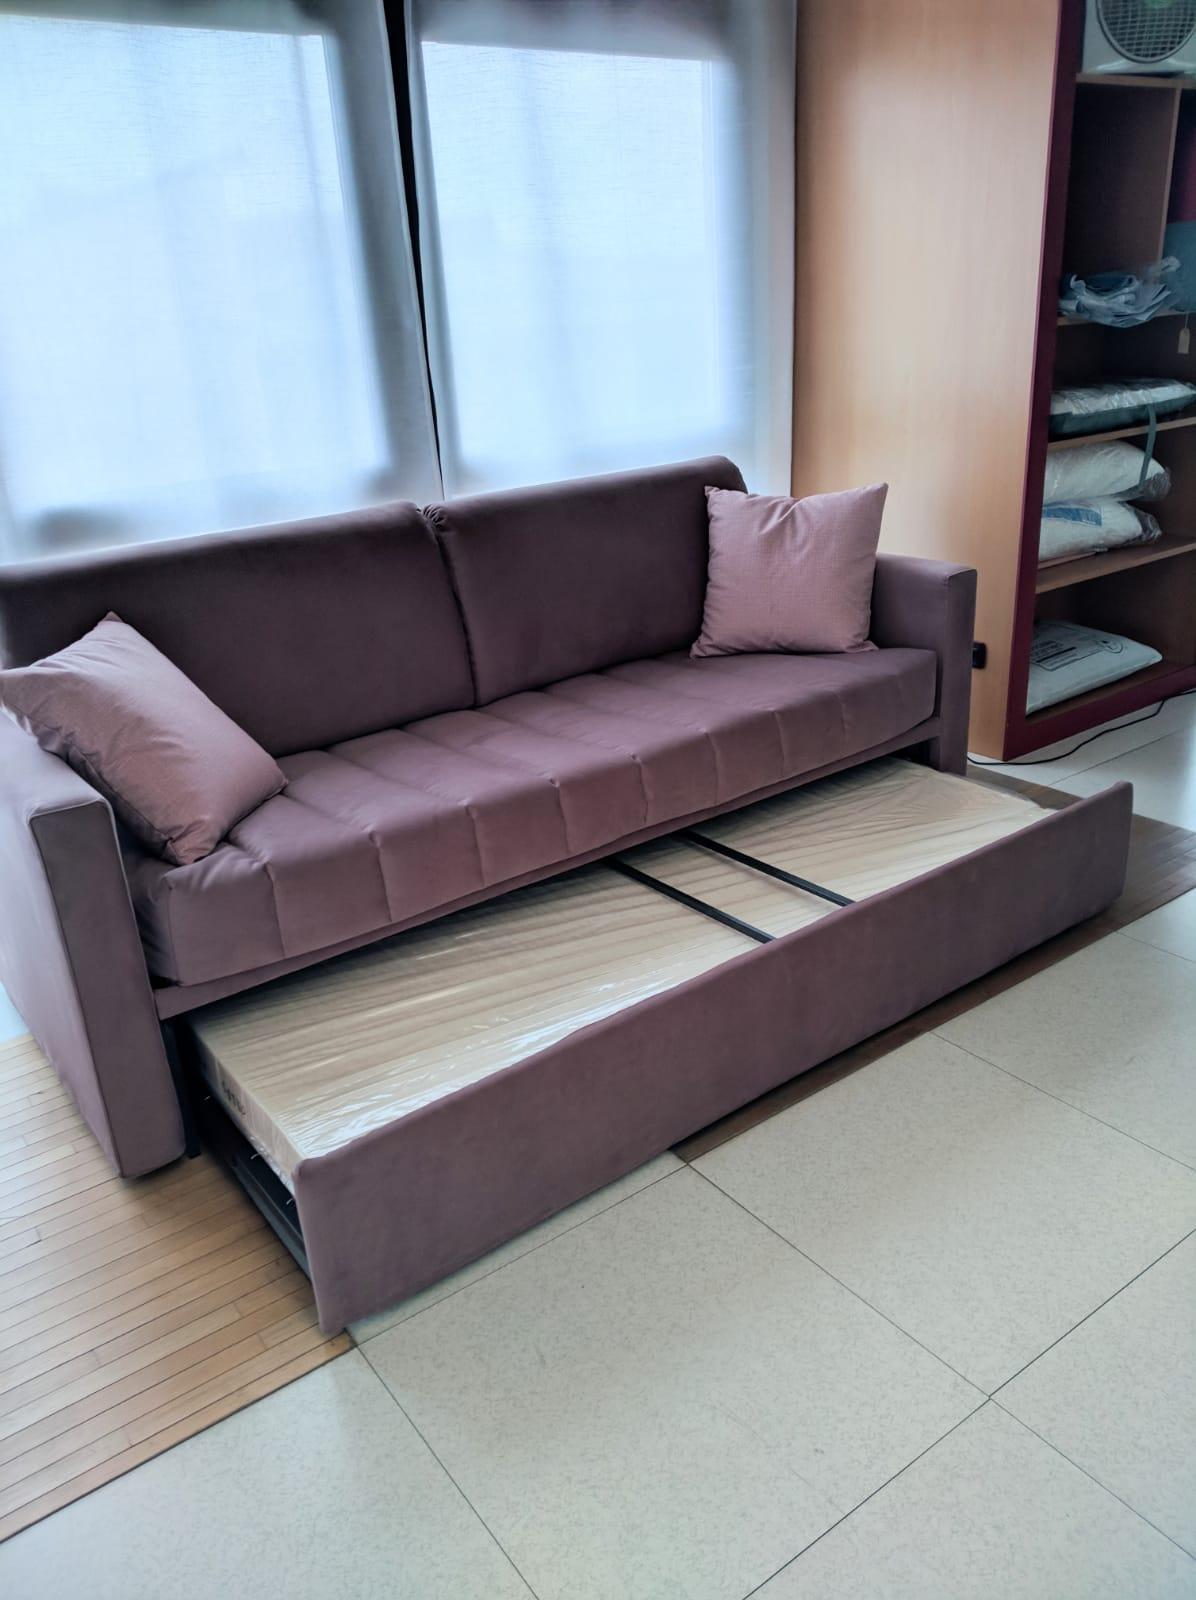 divano letto cassano magnago - varese nuova tag